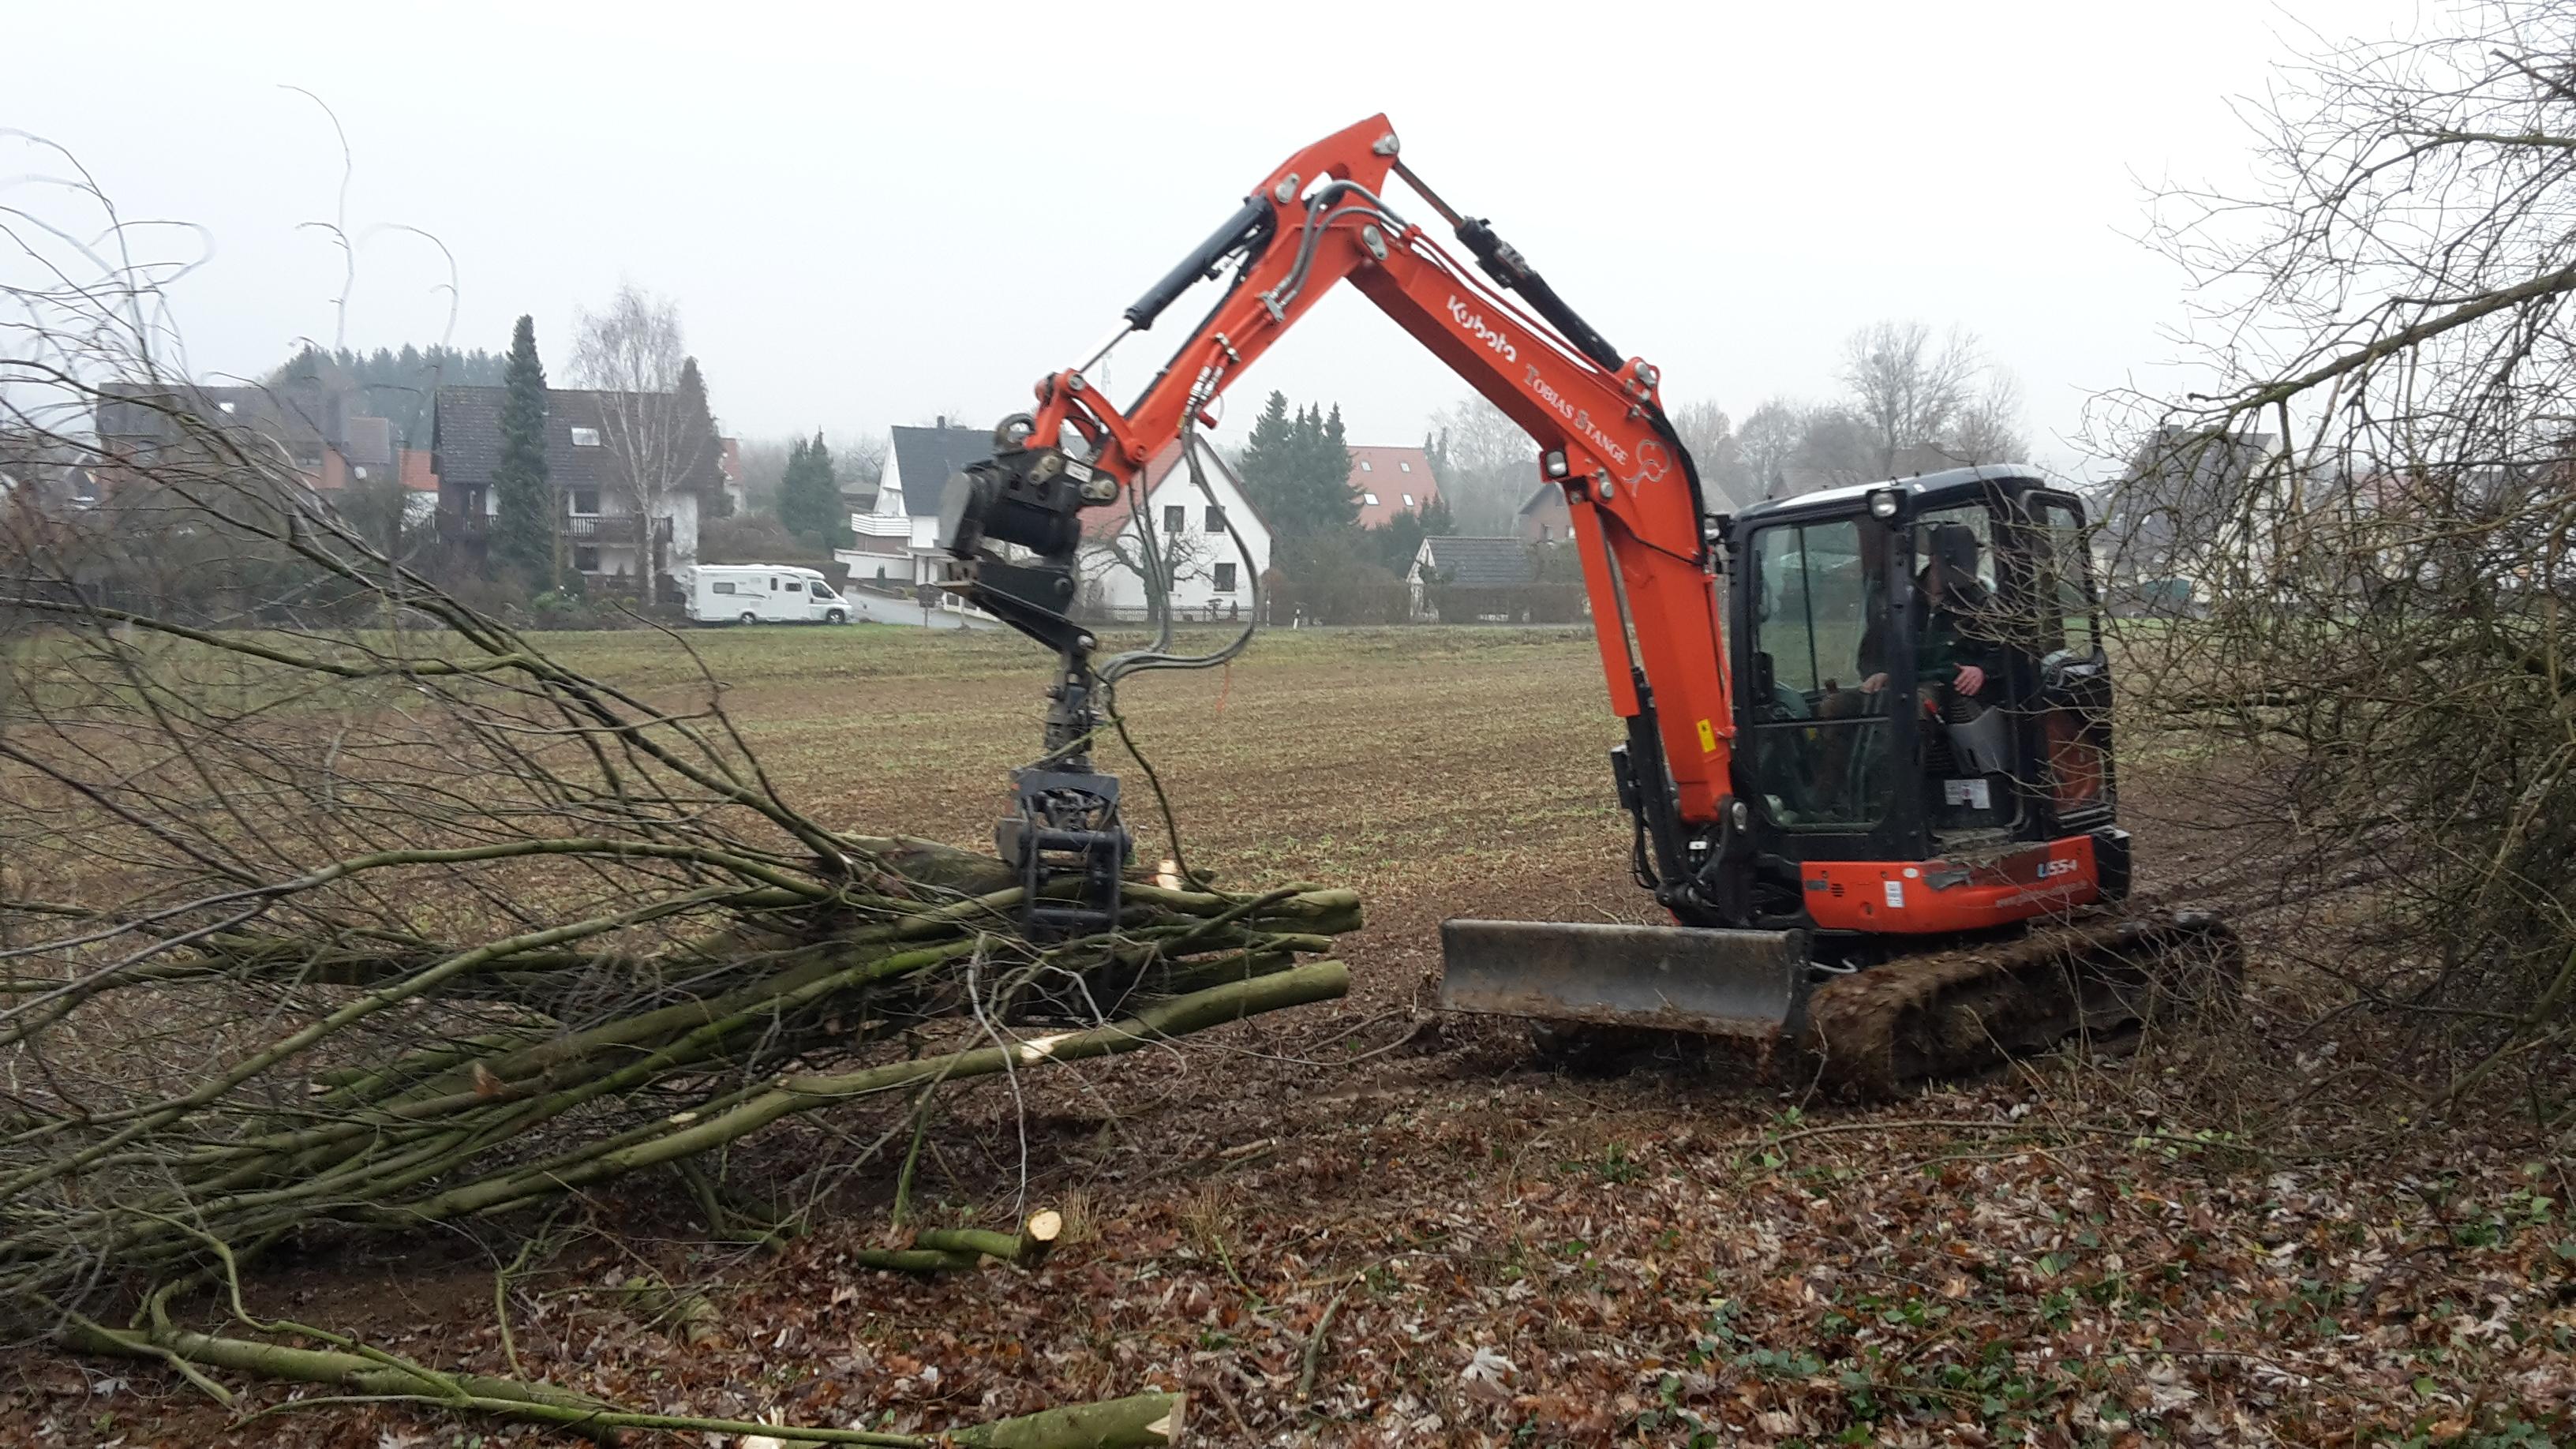 Das Arbeitstier im Einsatz nach einer Baumfällung